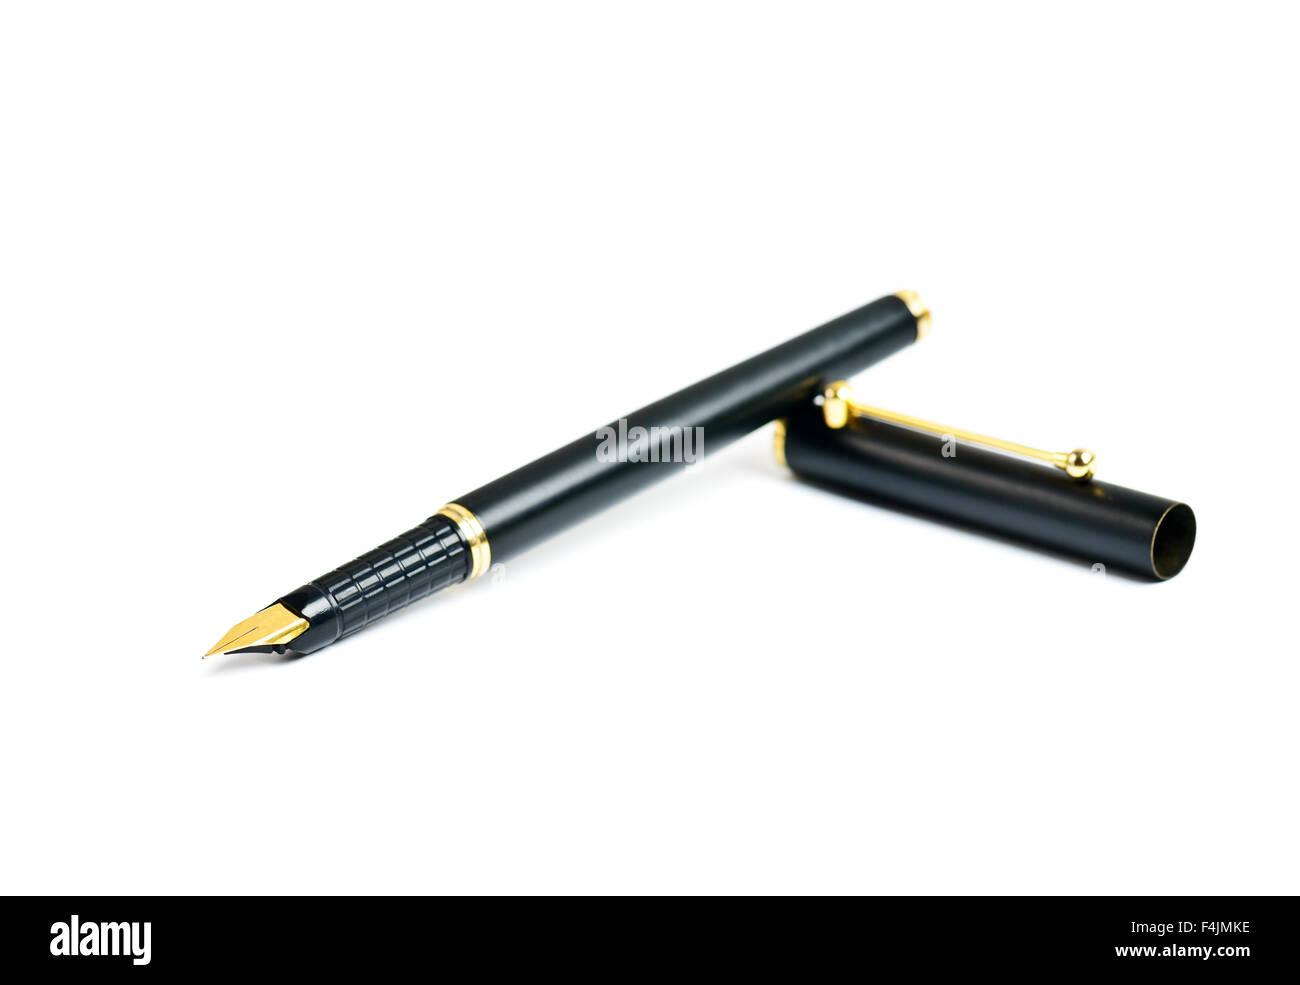 Eleganza inchiostro dorato penna stilografica isolato su bianco Immagini Stock